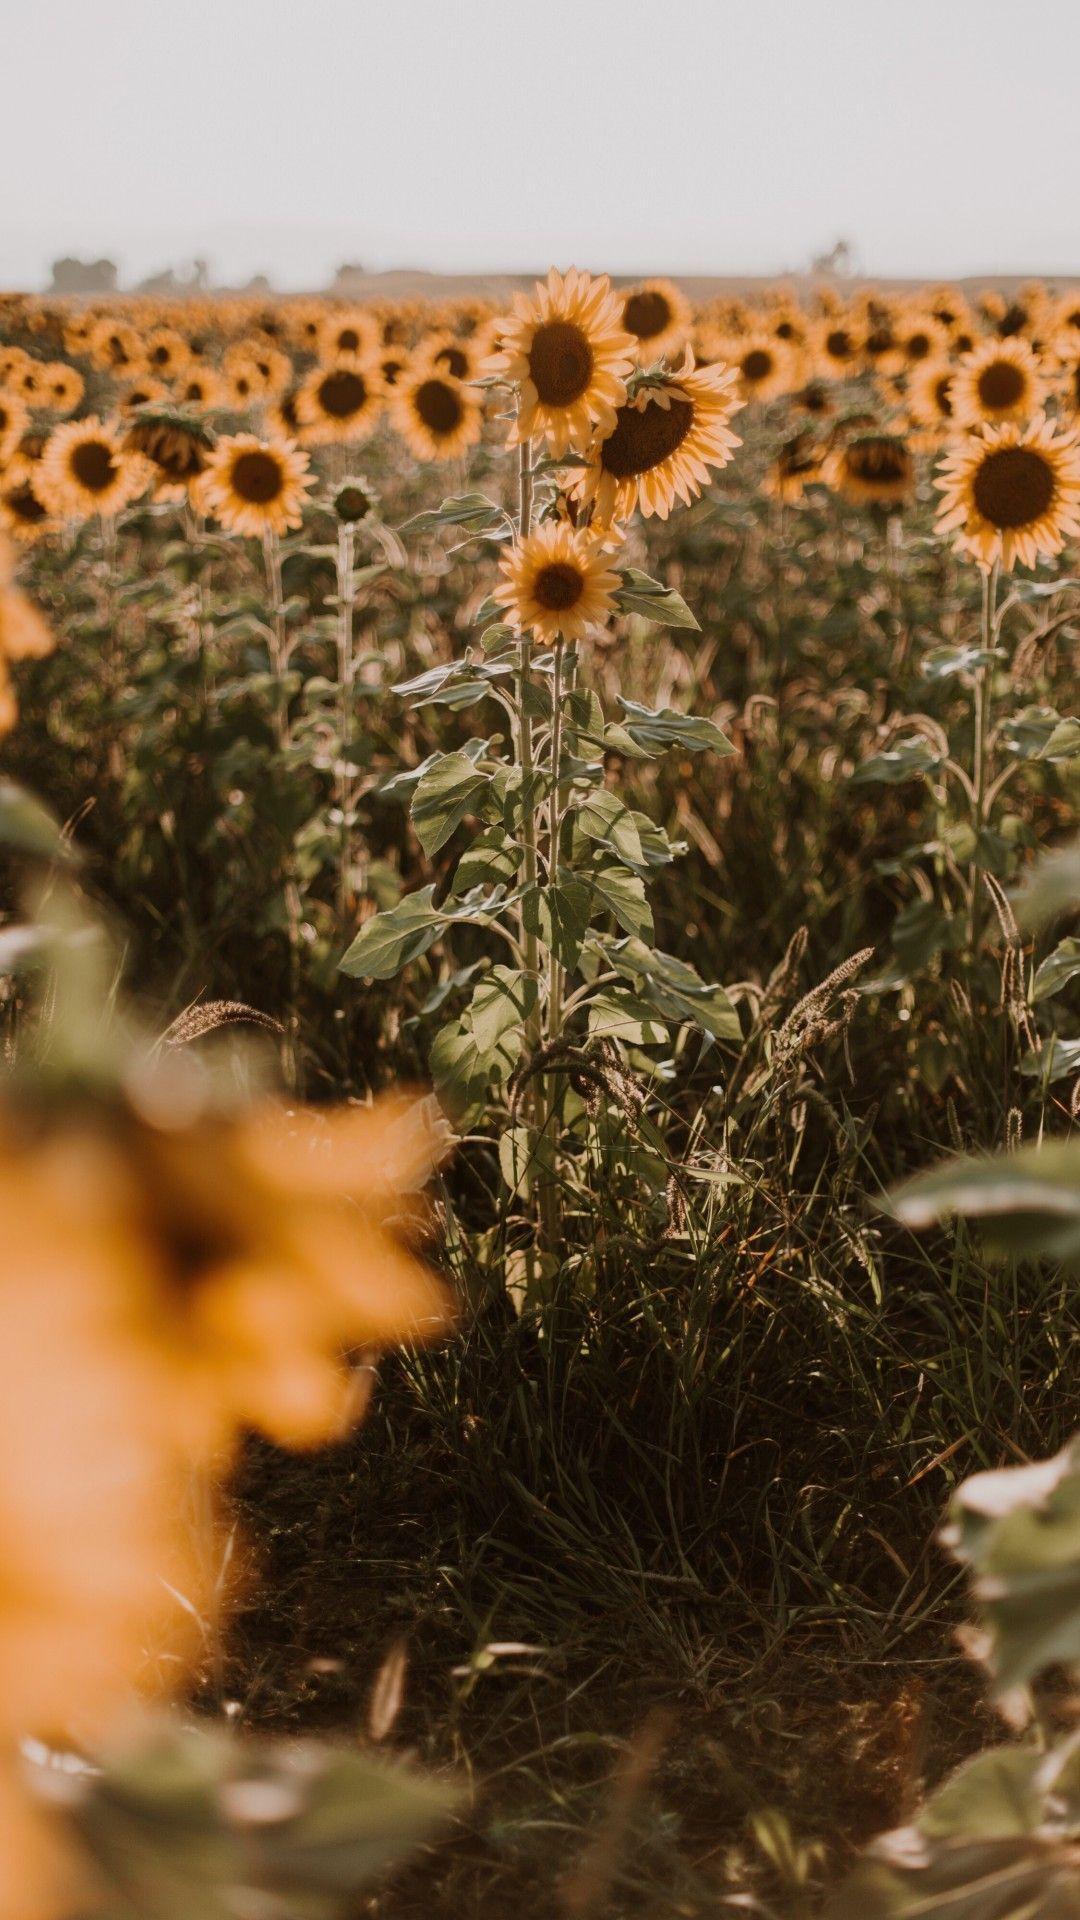 Yellow Flower Field Aesthetic